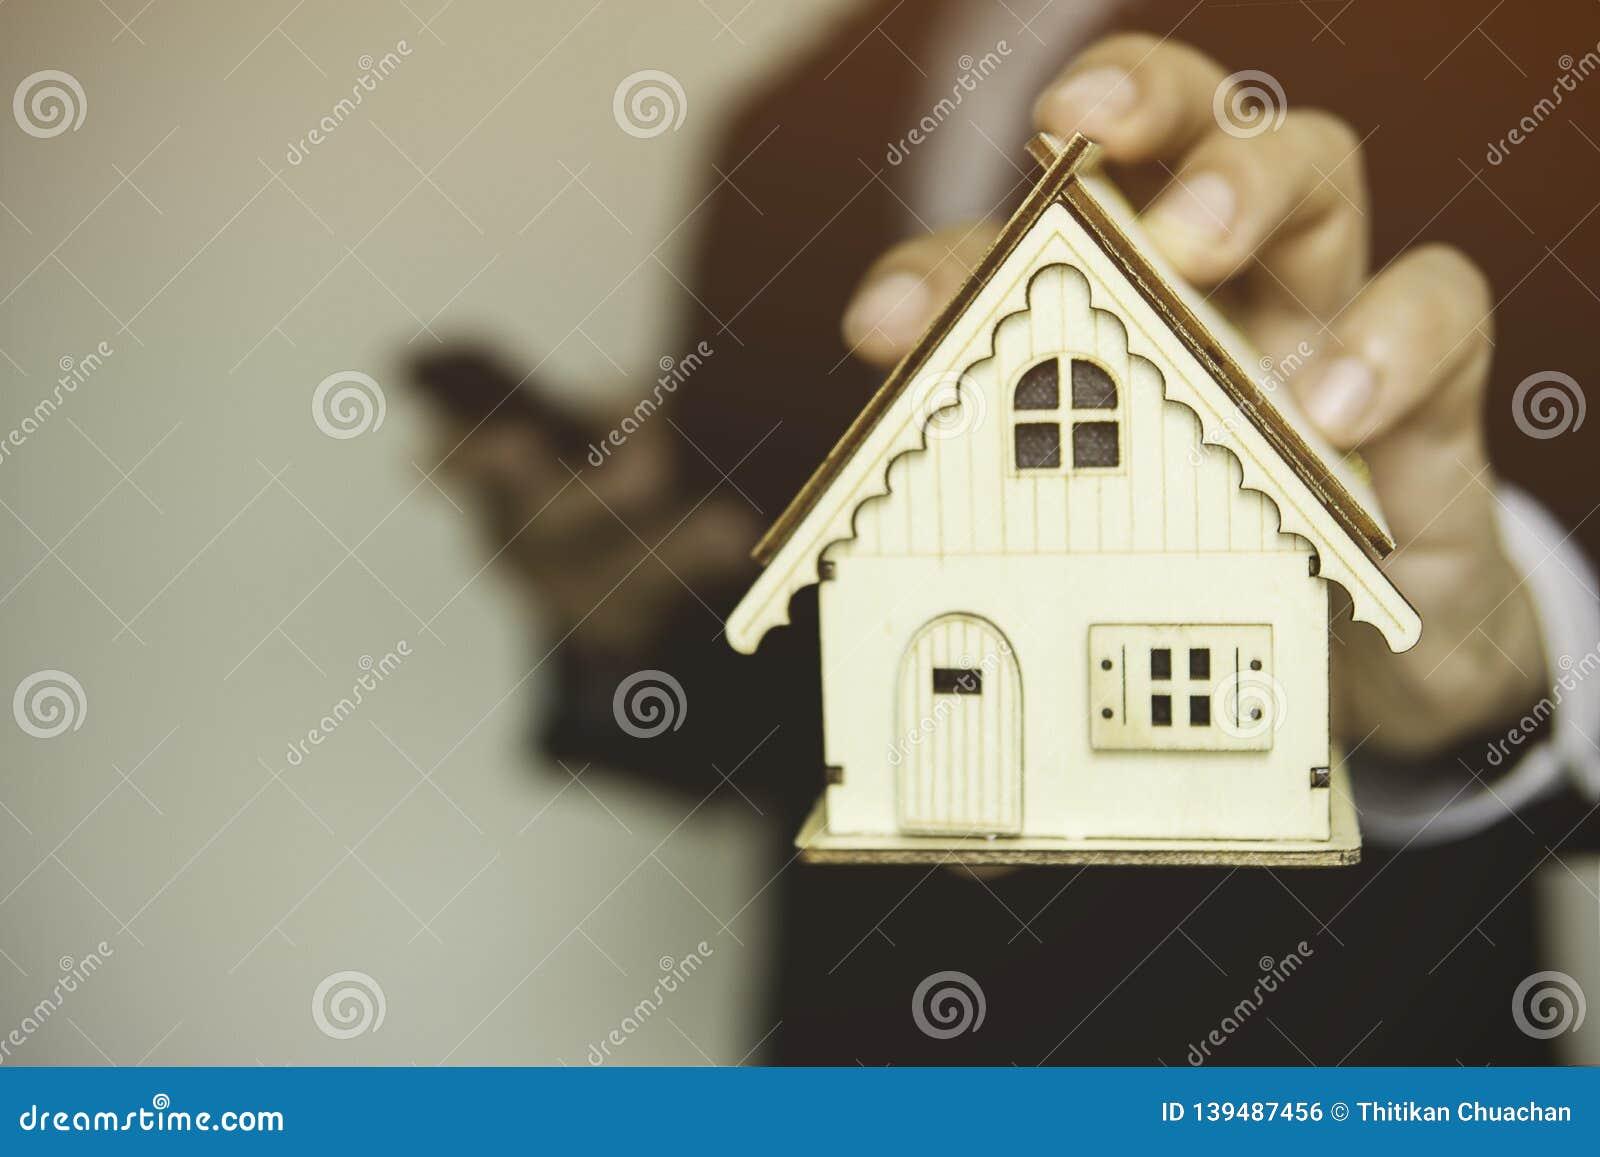 Huset föreställer förestående planläggning för att finna hus- eller sparandepengar för att köpa huset